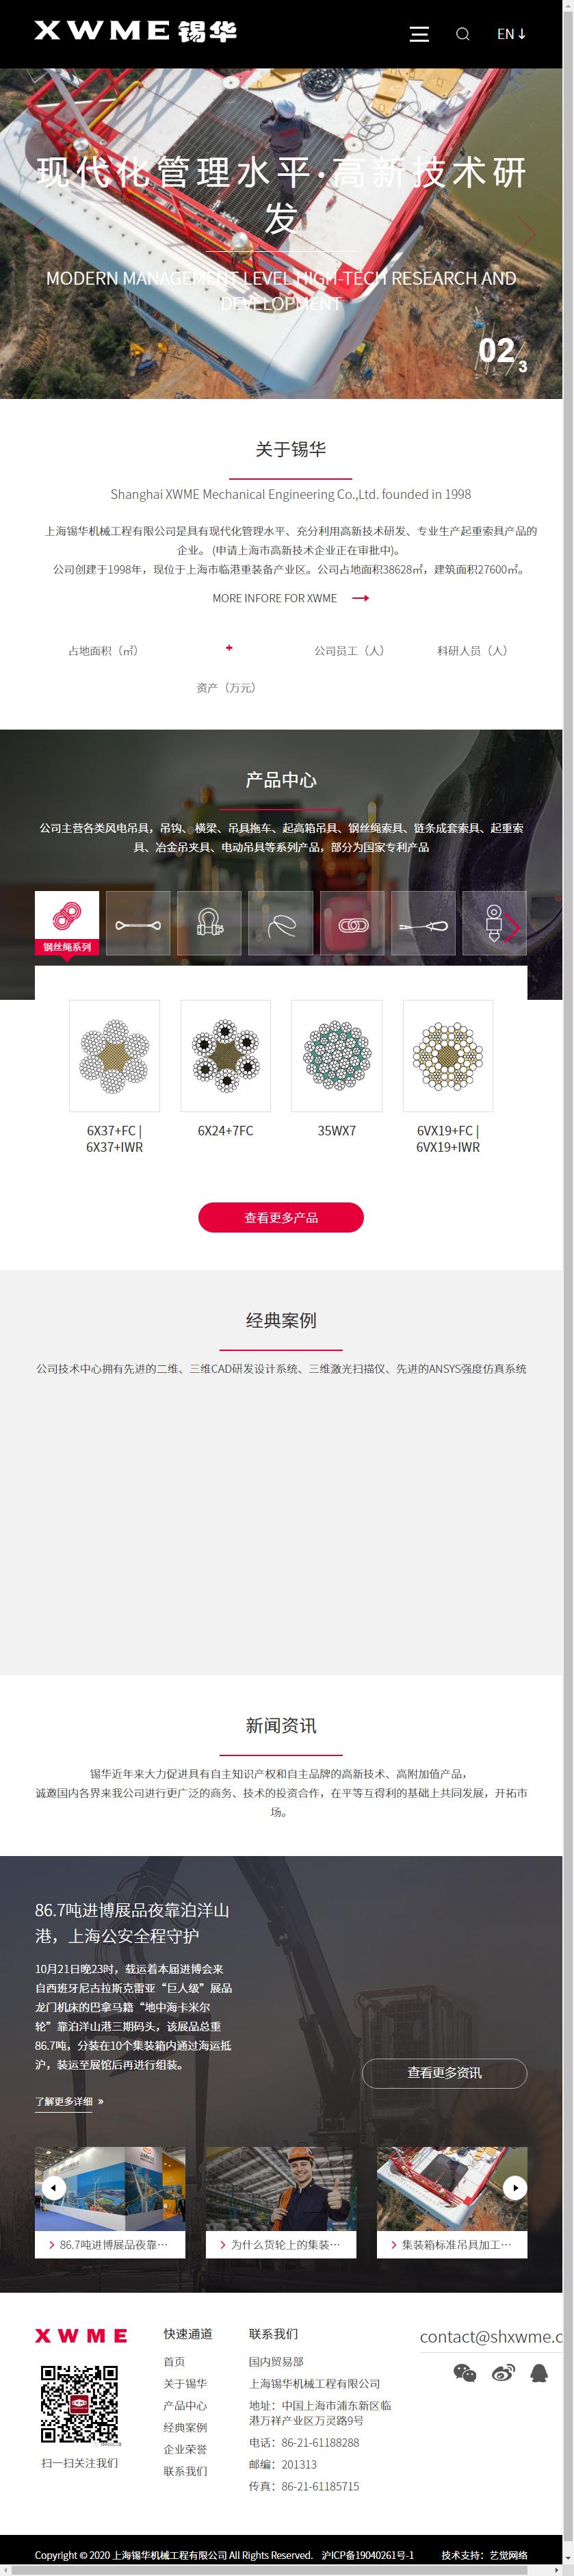 上海锡华机械工程有限公司网站案例